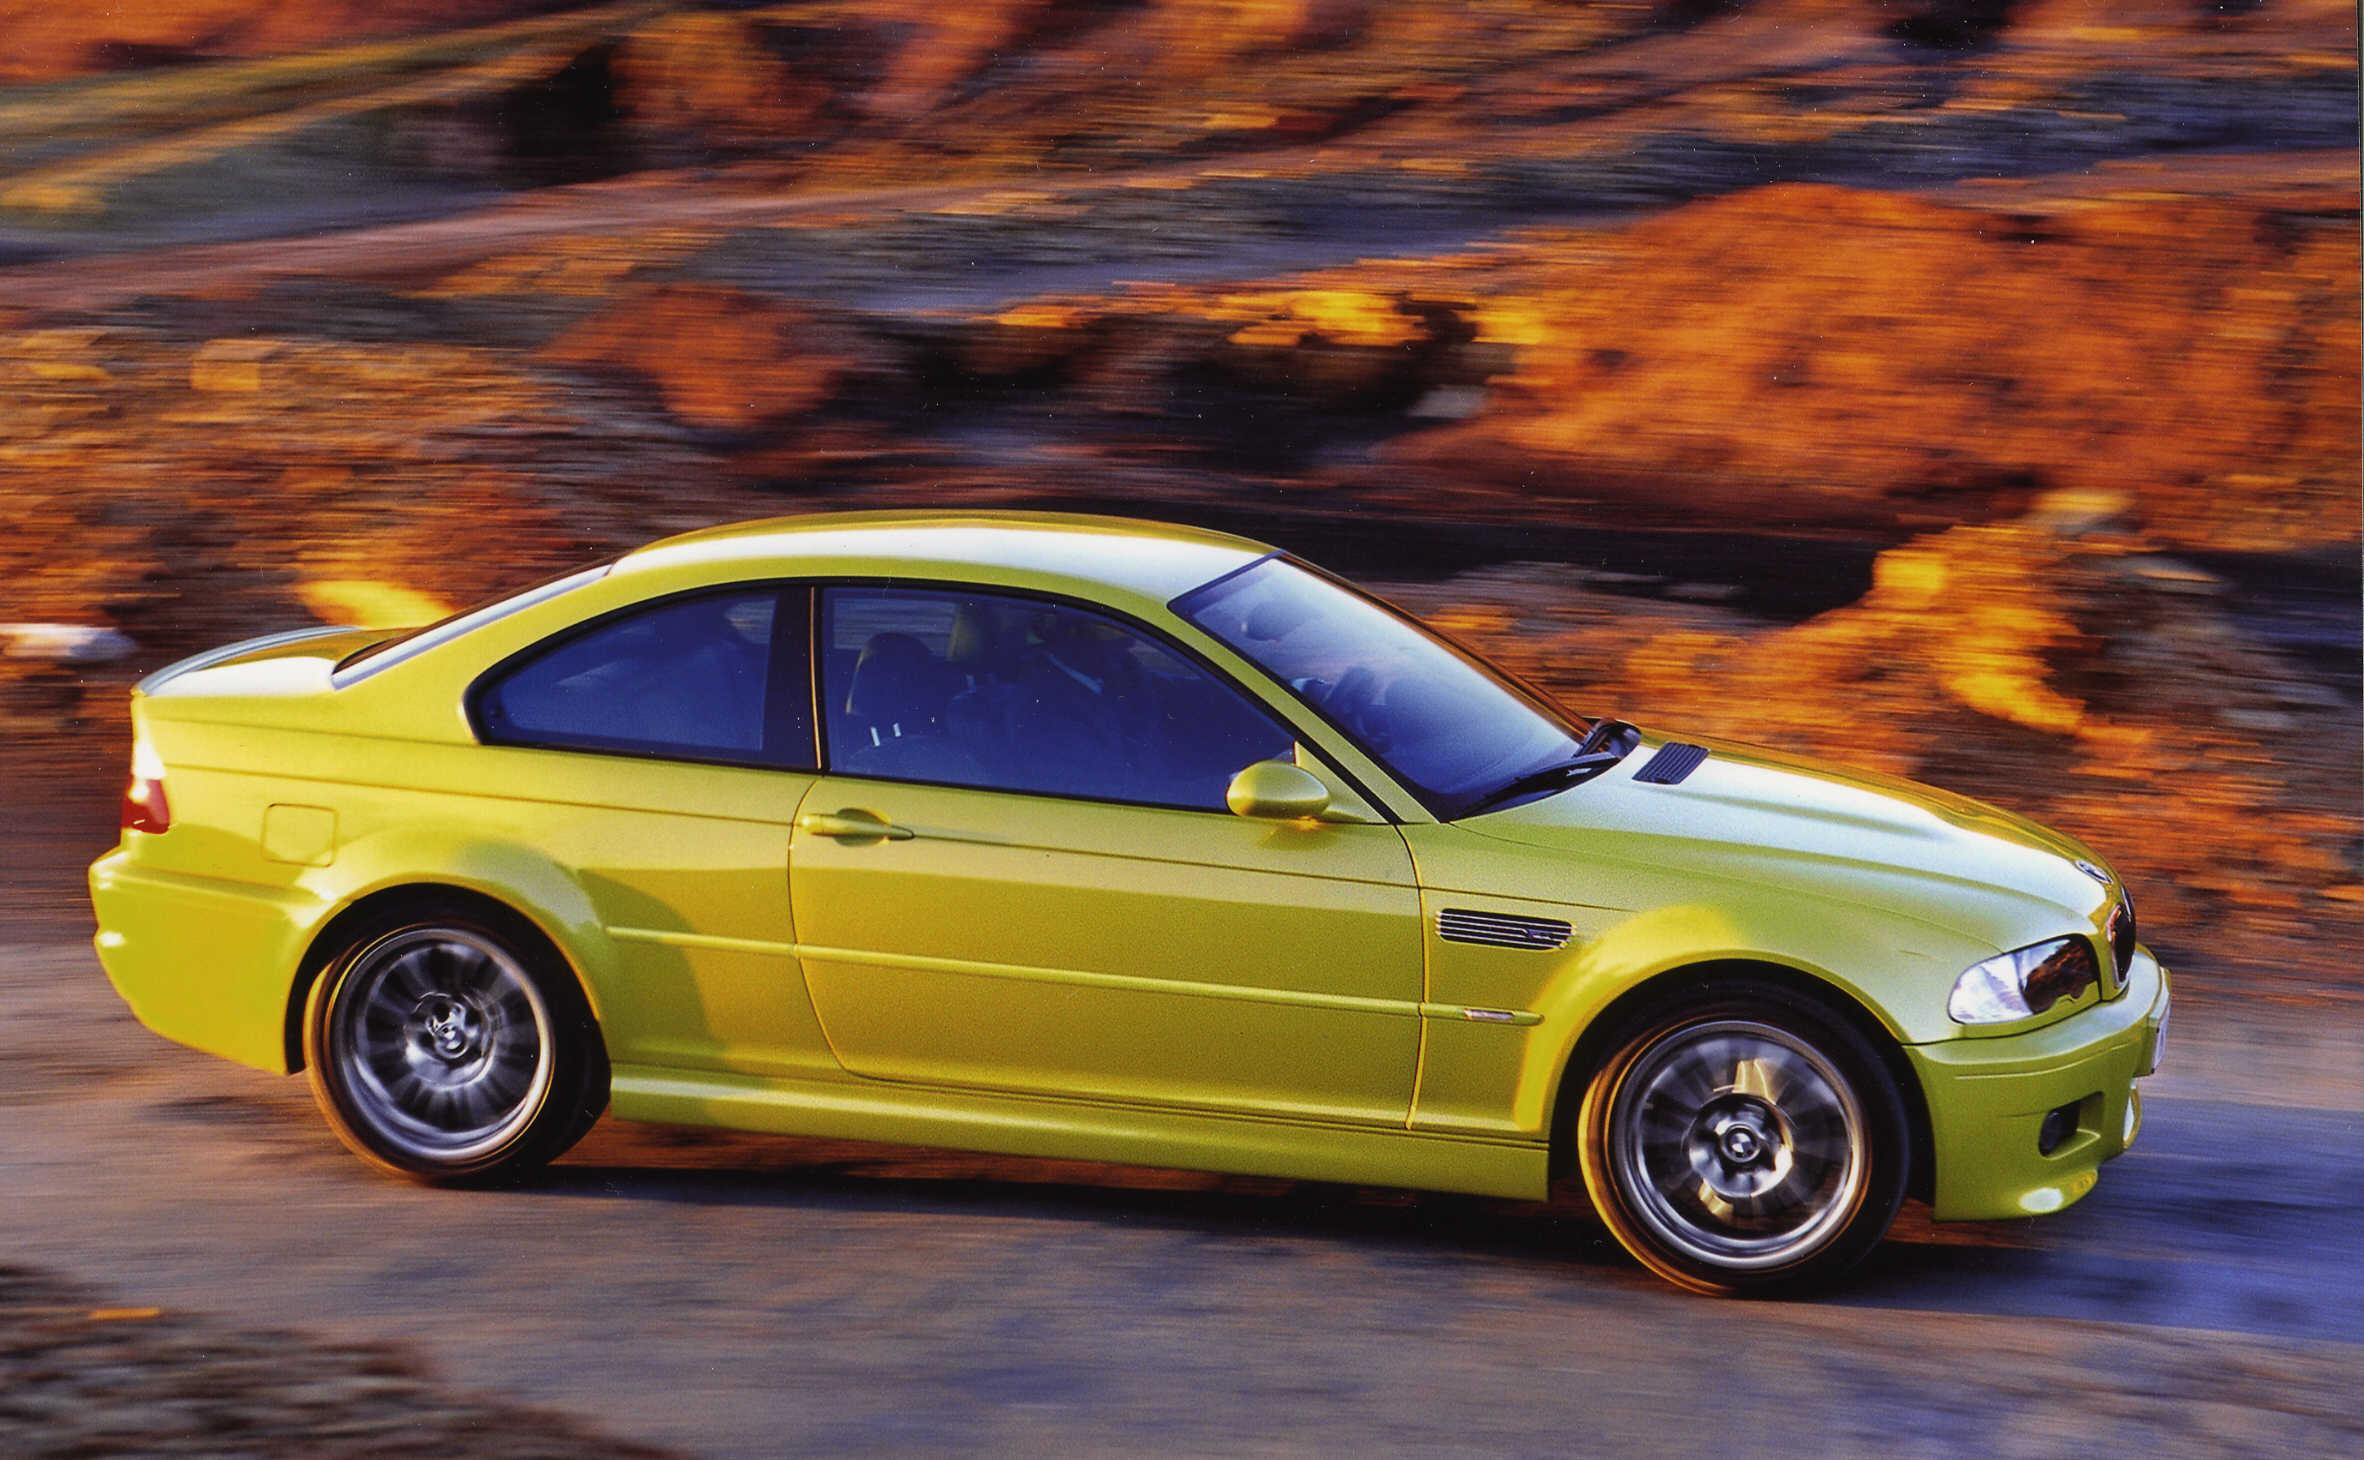 BMW E46 M3 Phoenix Yellow